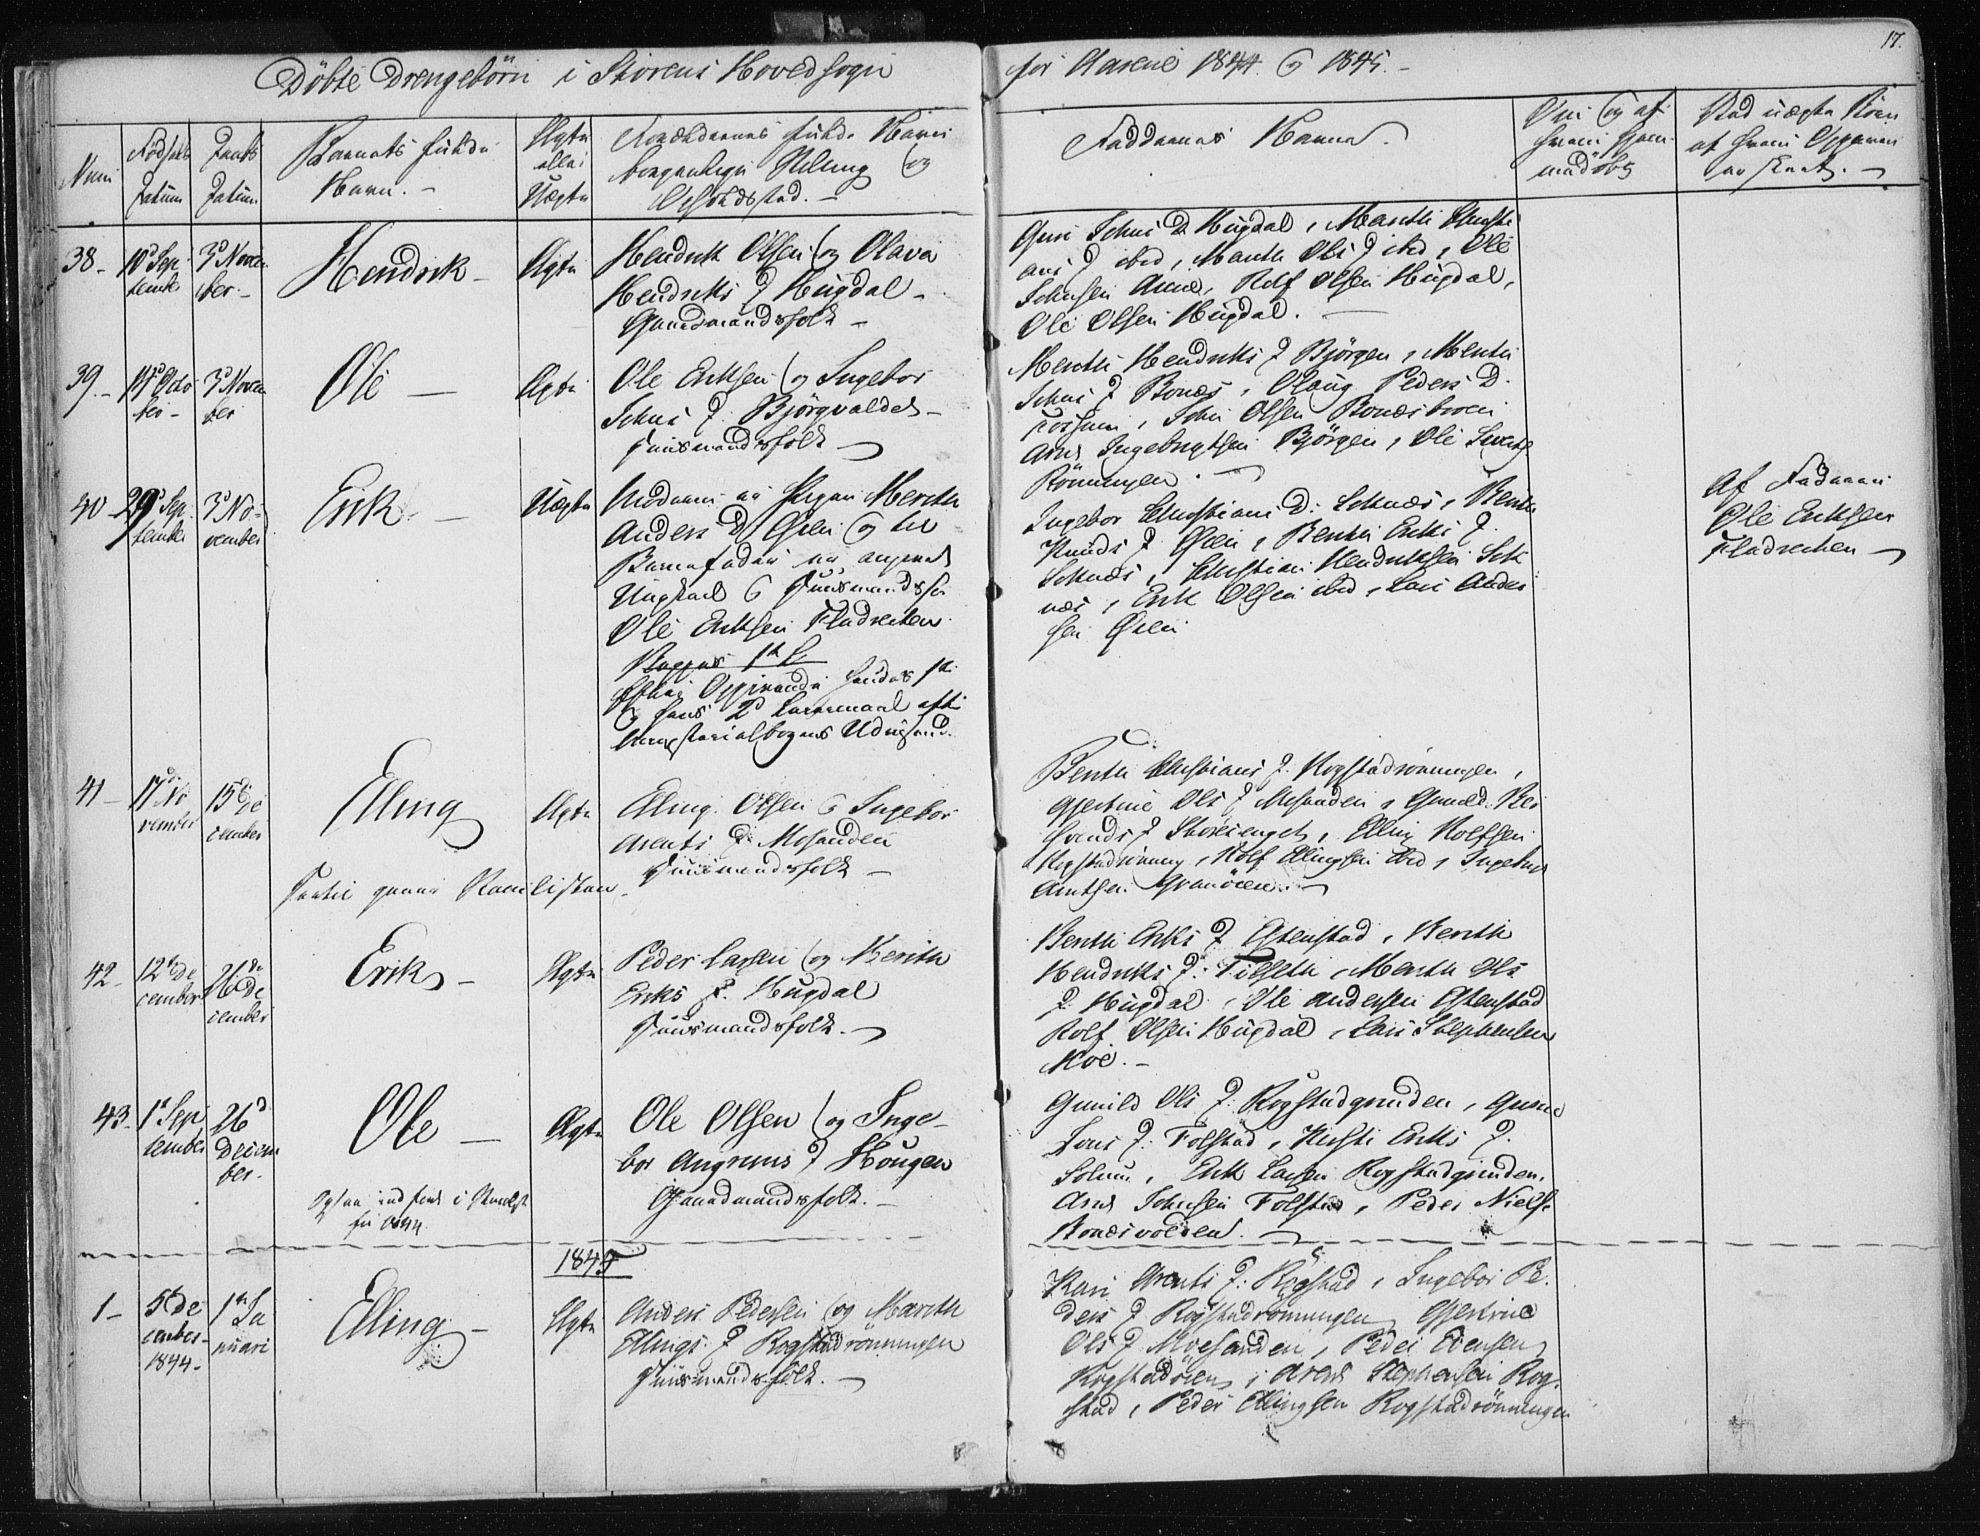 SAT, Ministerialprotokoller, klokkerbøker og fødselsregistre - Sør-Trøndelag, 687/L0997: Ministerialbok nr. 687A05 /1, 1843-1848, s. 17